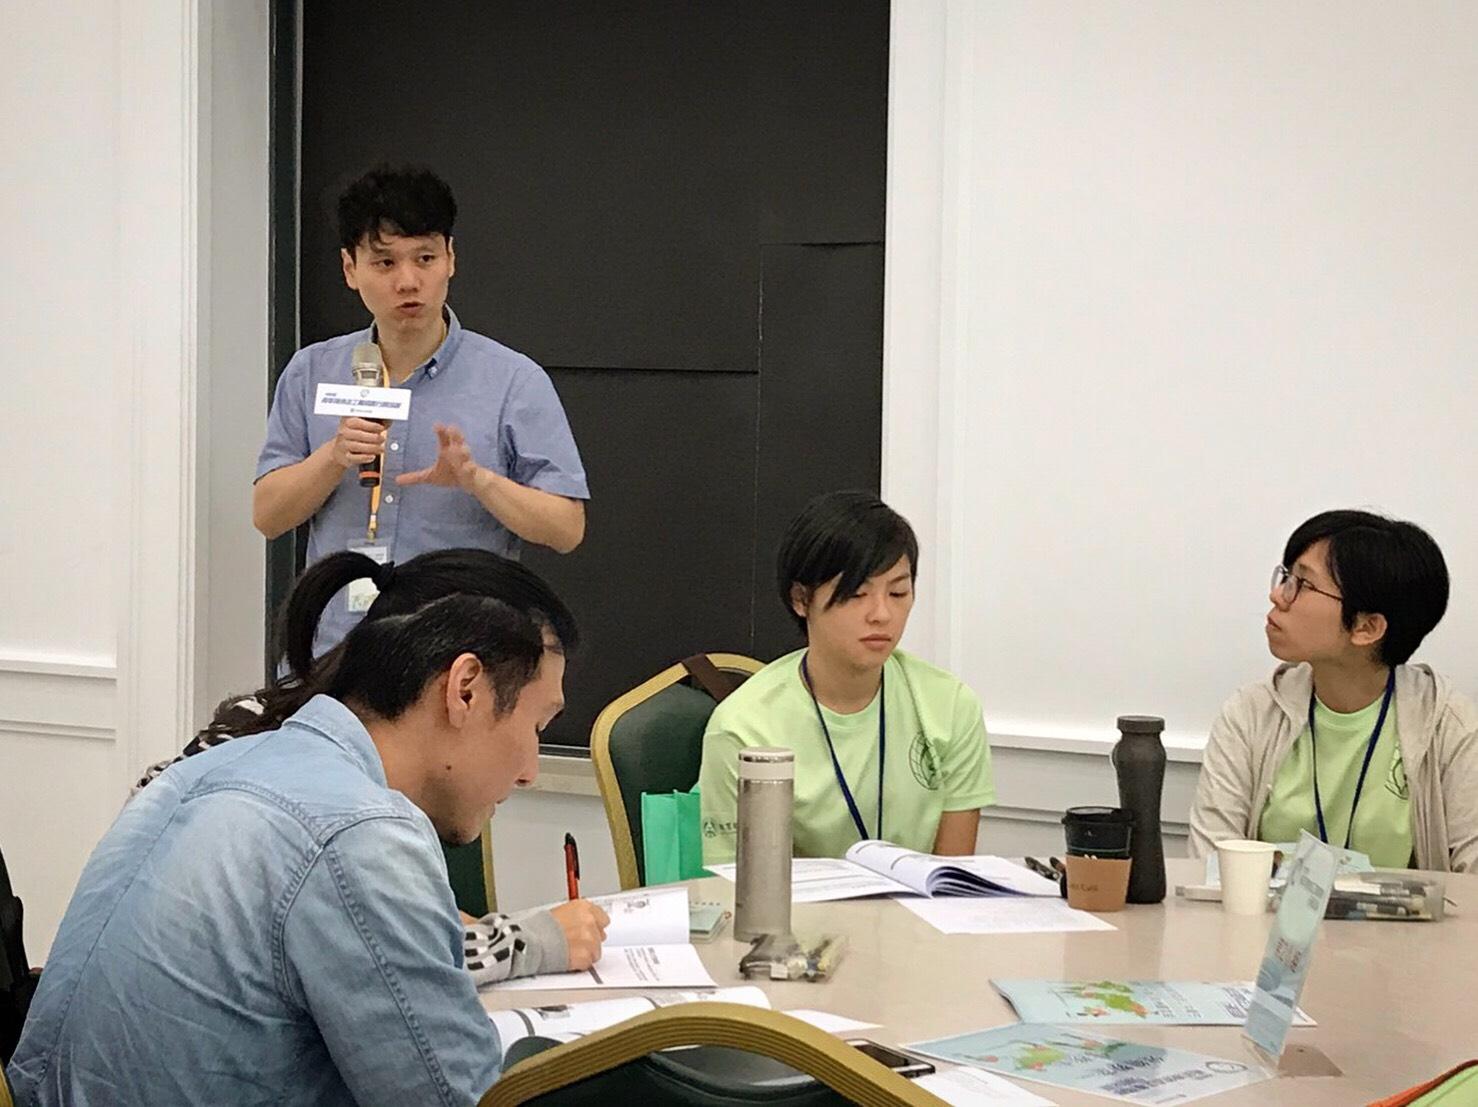 (圖二)台大醫院新南向健康中心的邱醫師與志工們進行衛生教育的行前叮嚀